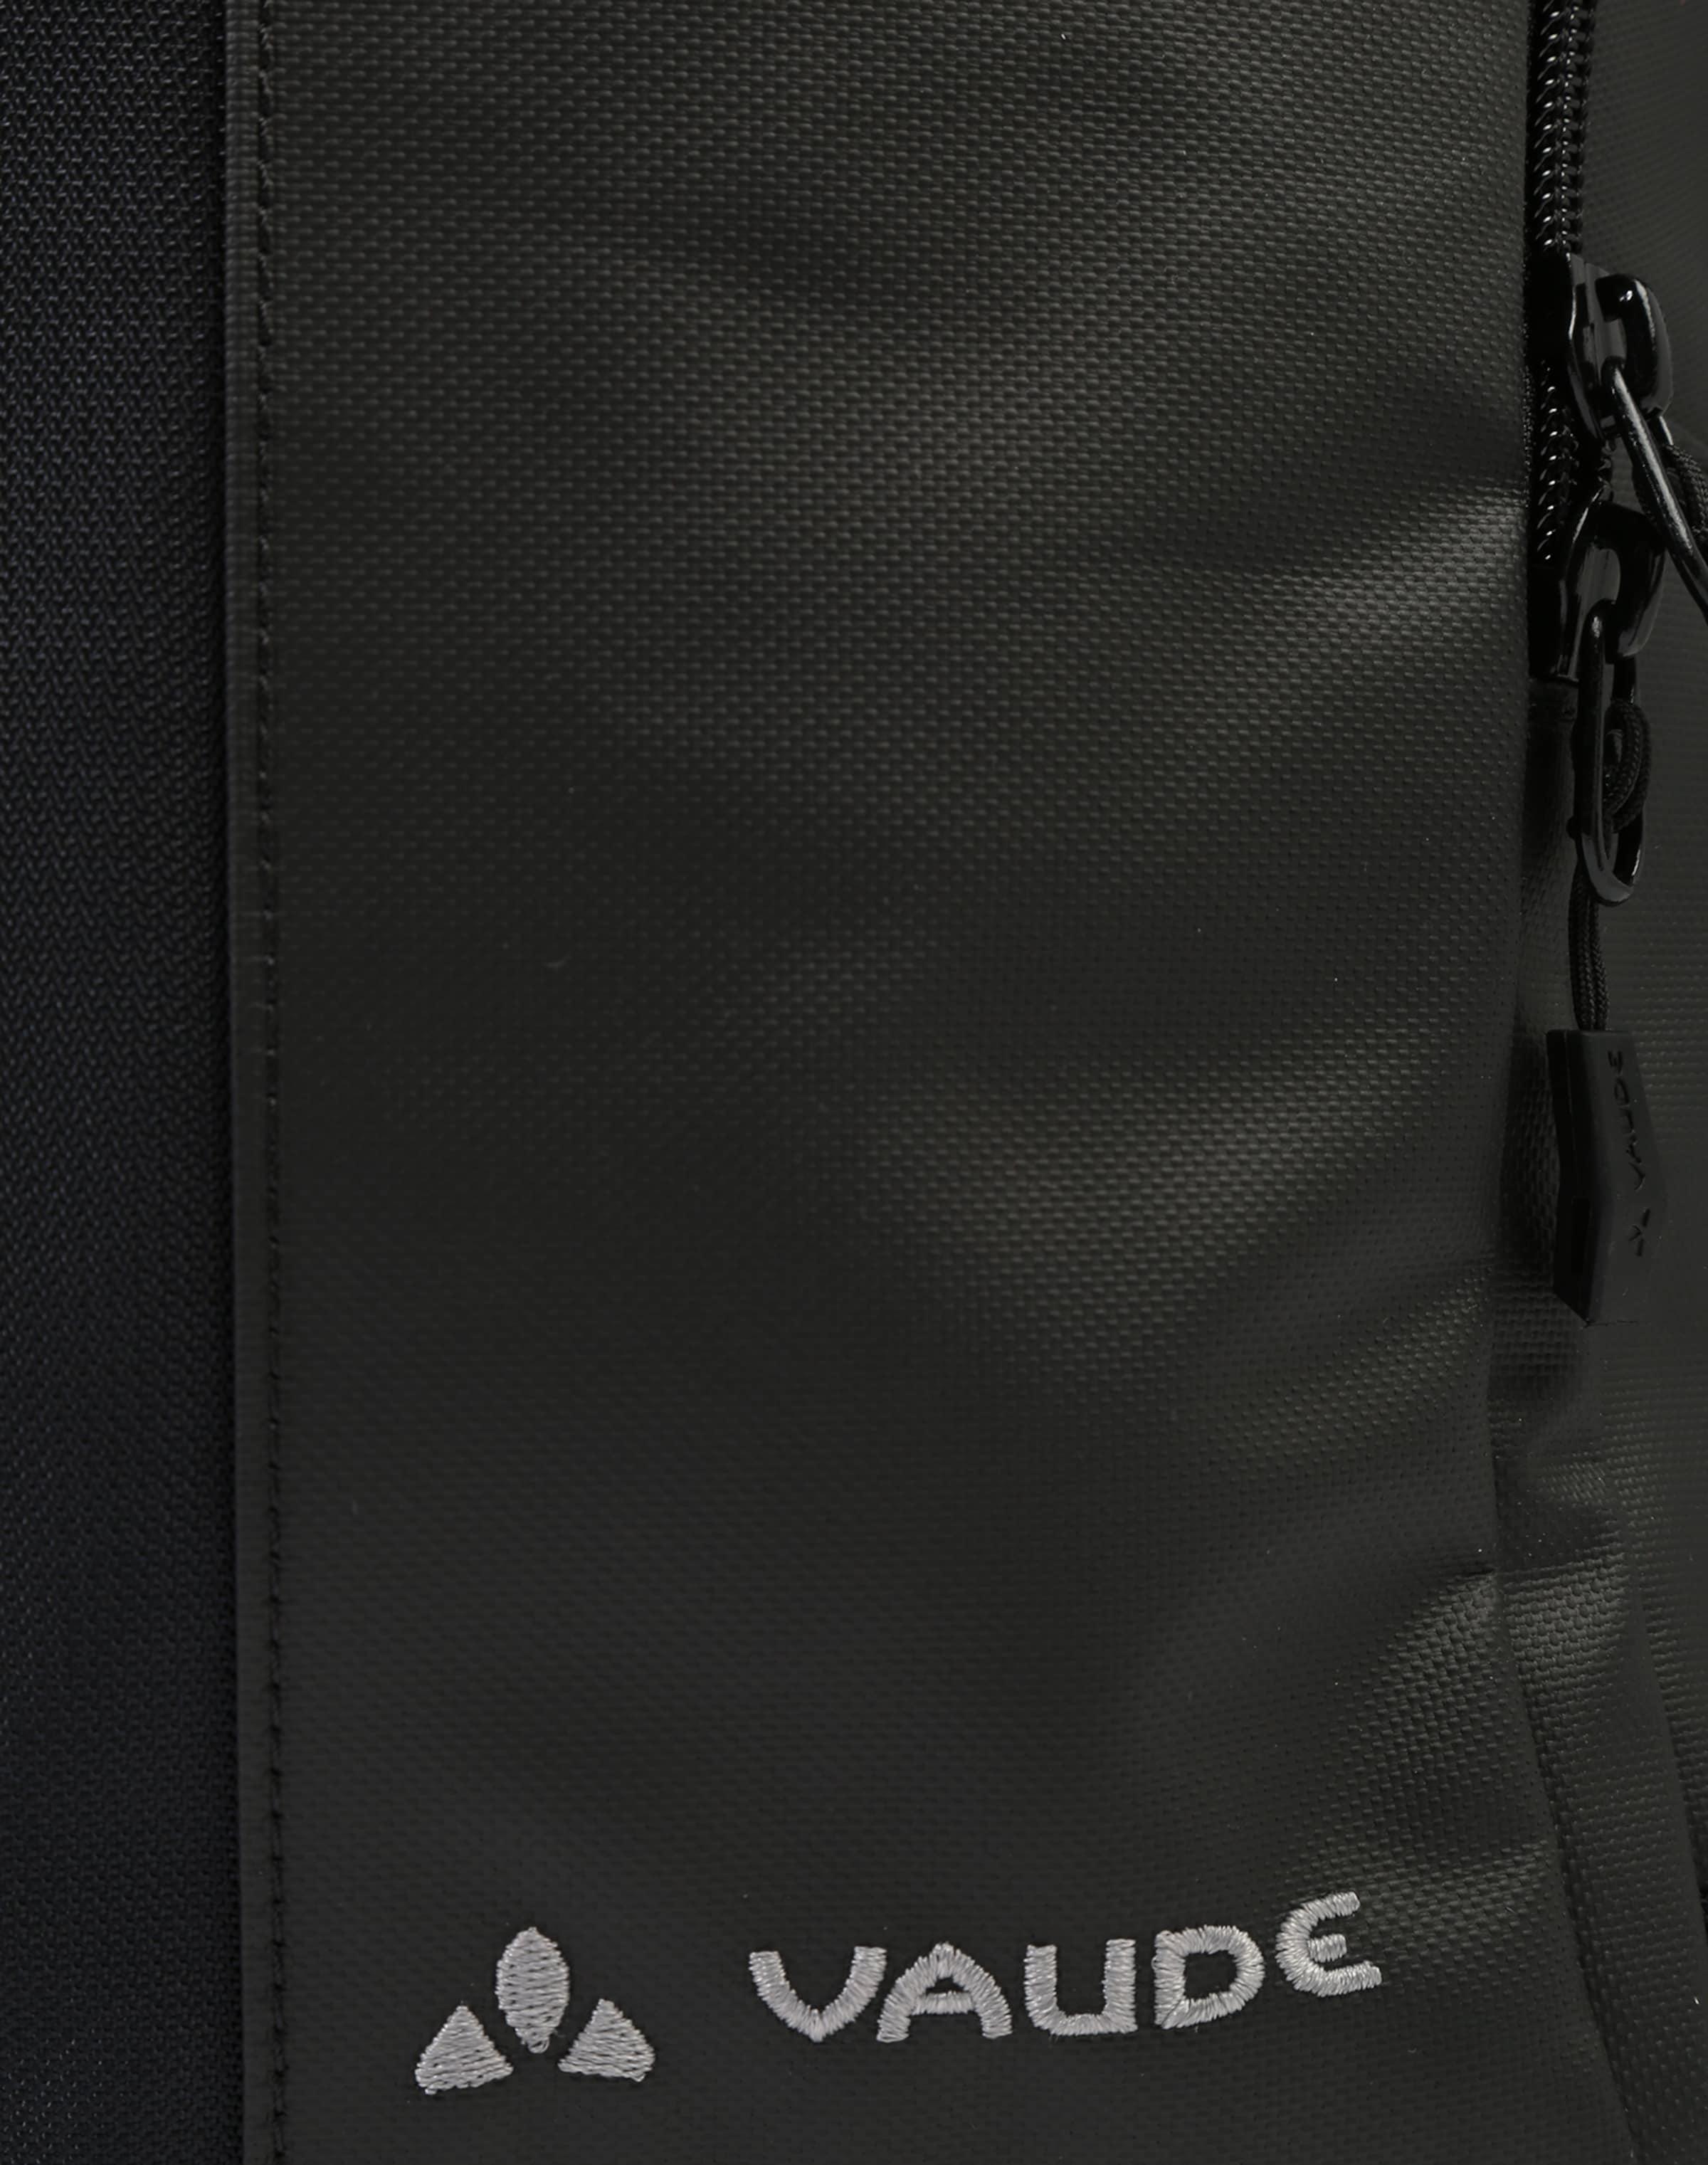 VAUDE Rucksack 'Azizi' Billige Eastbay Billig Große Überraschung Suchen Sie Nach Verkauf 7DC7C